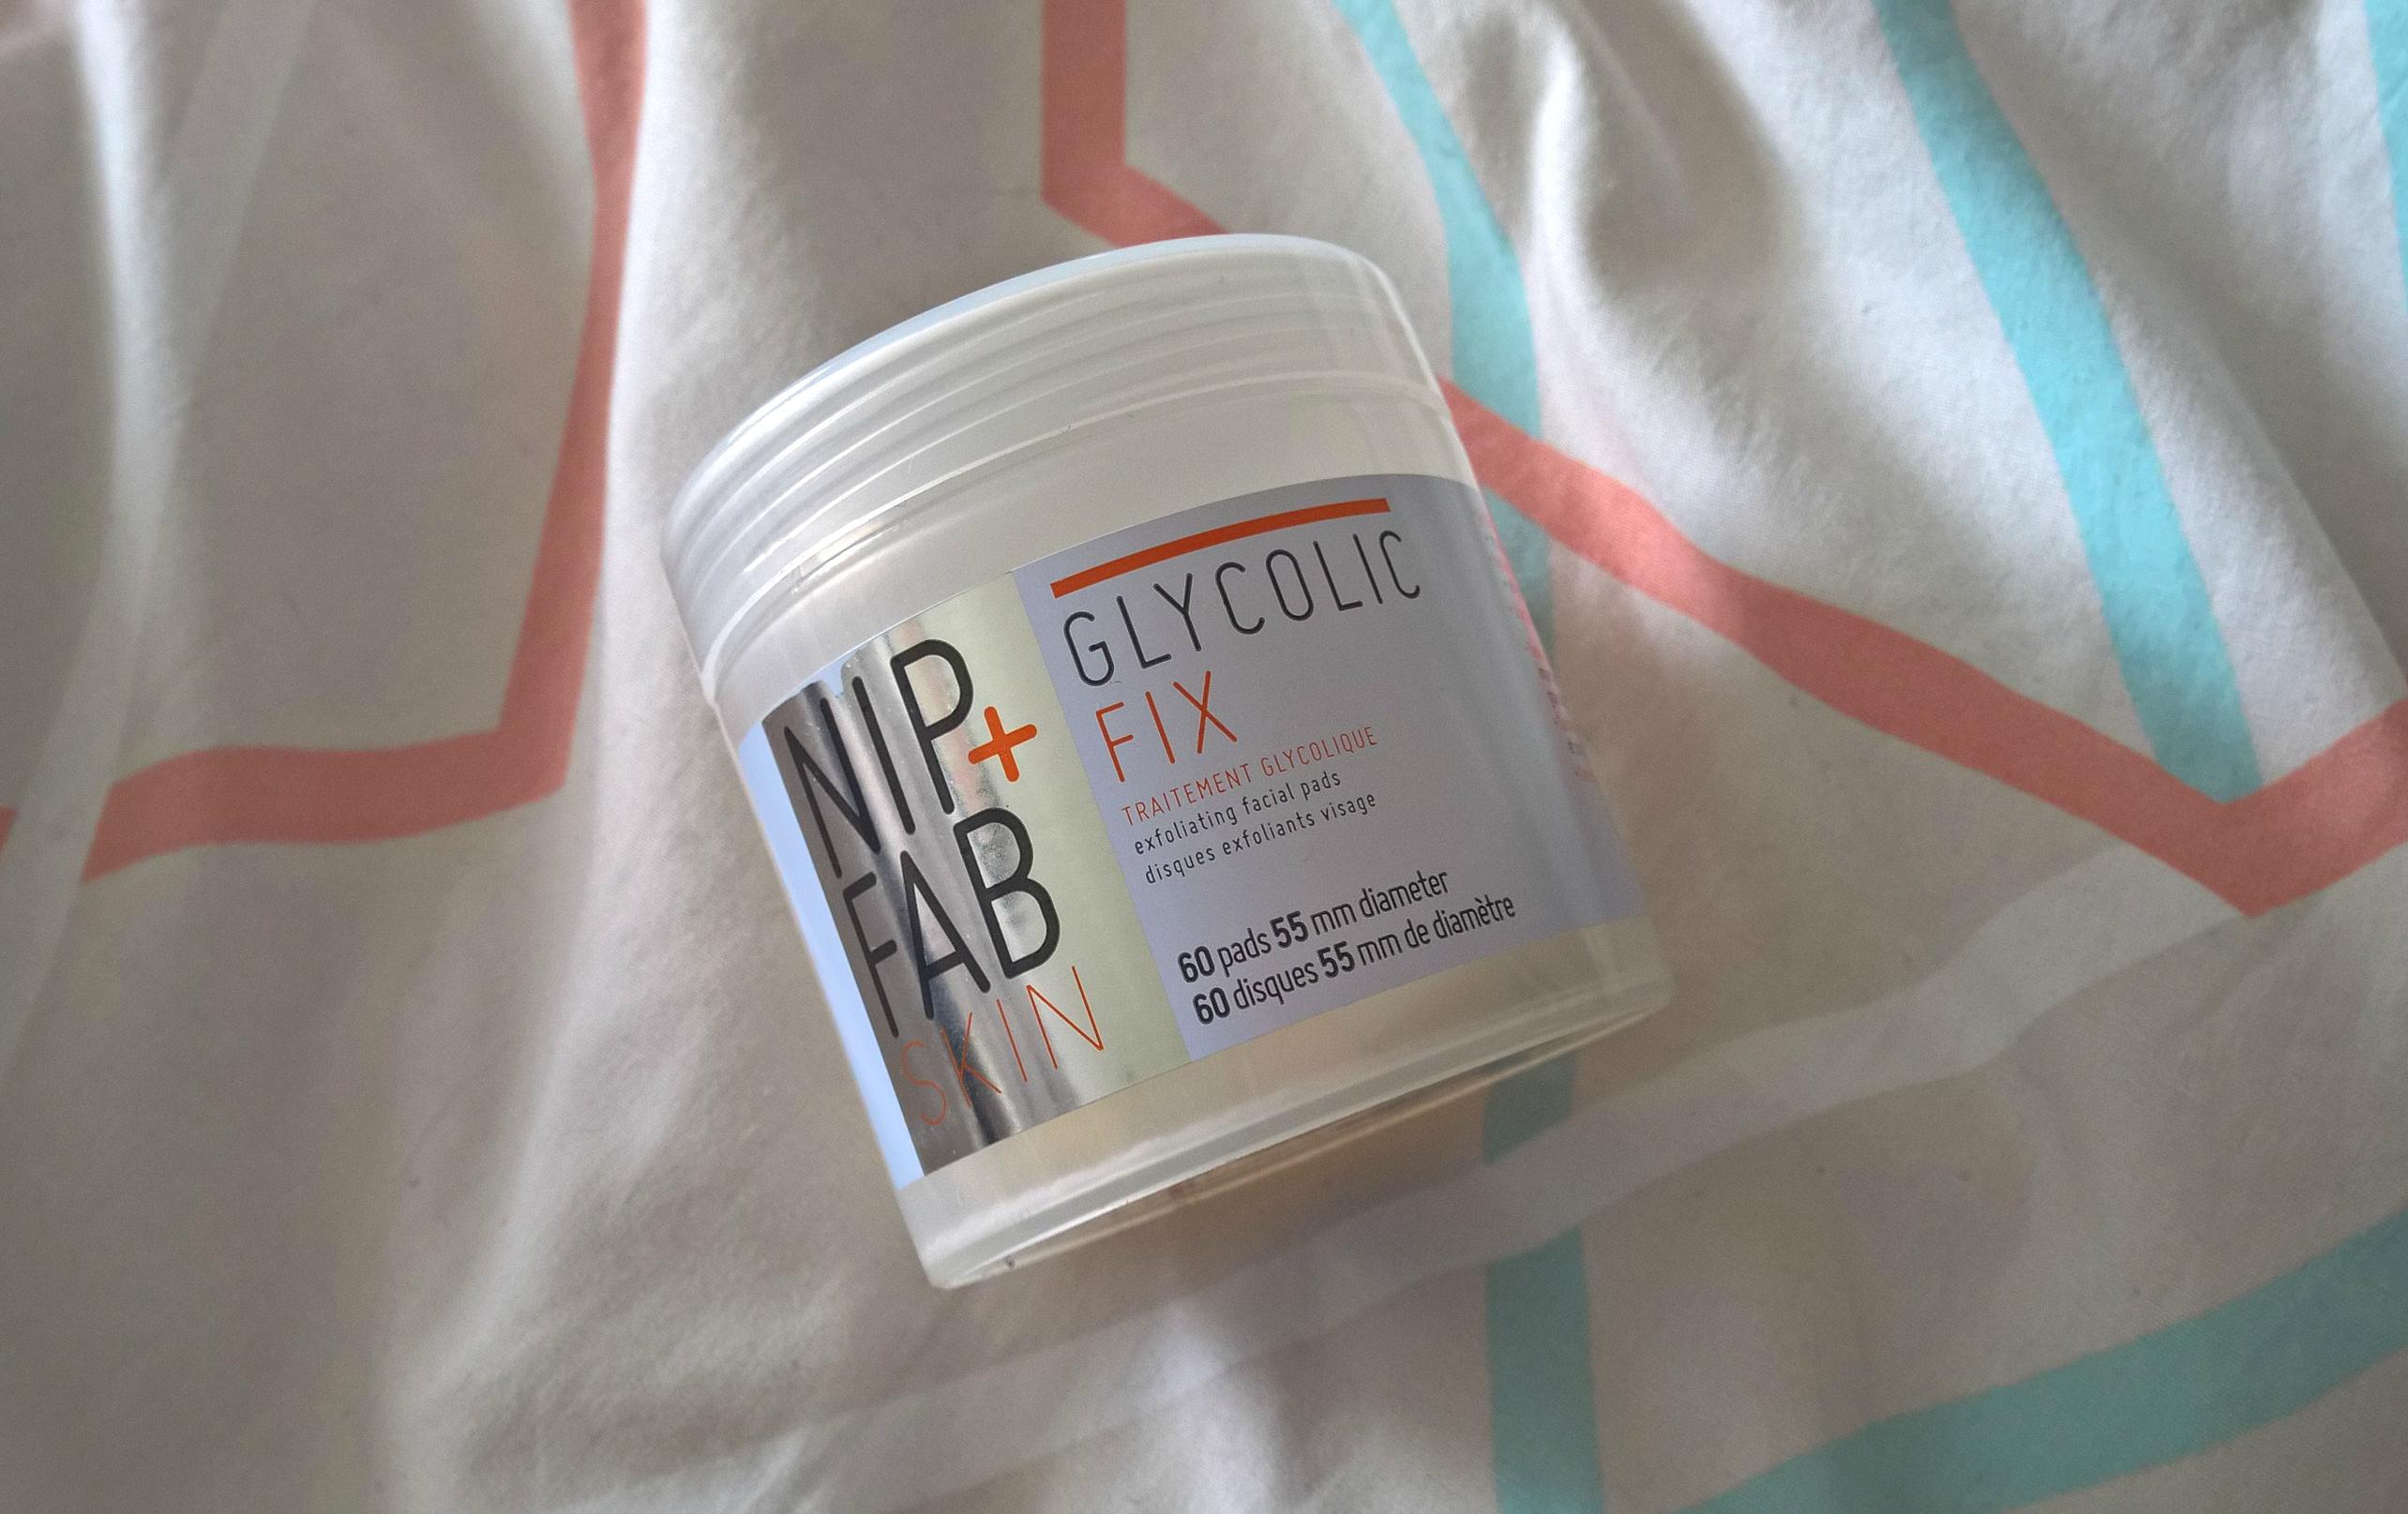 NIP+FAB Glycolic Fix Exfoliating Facial Pads Review